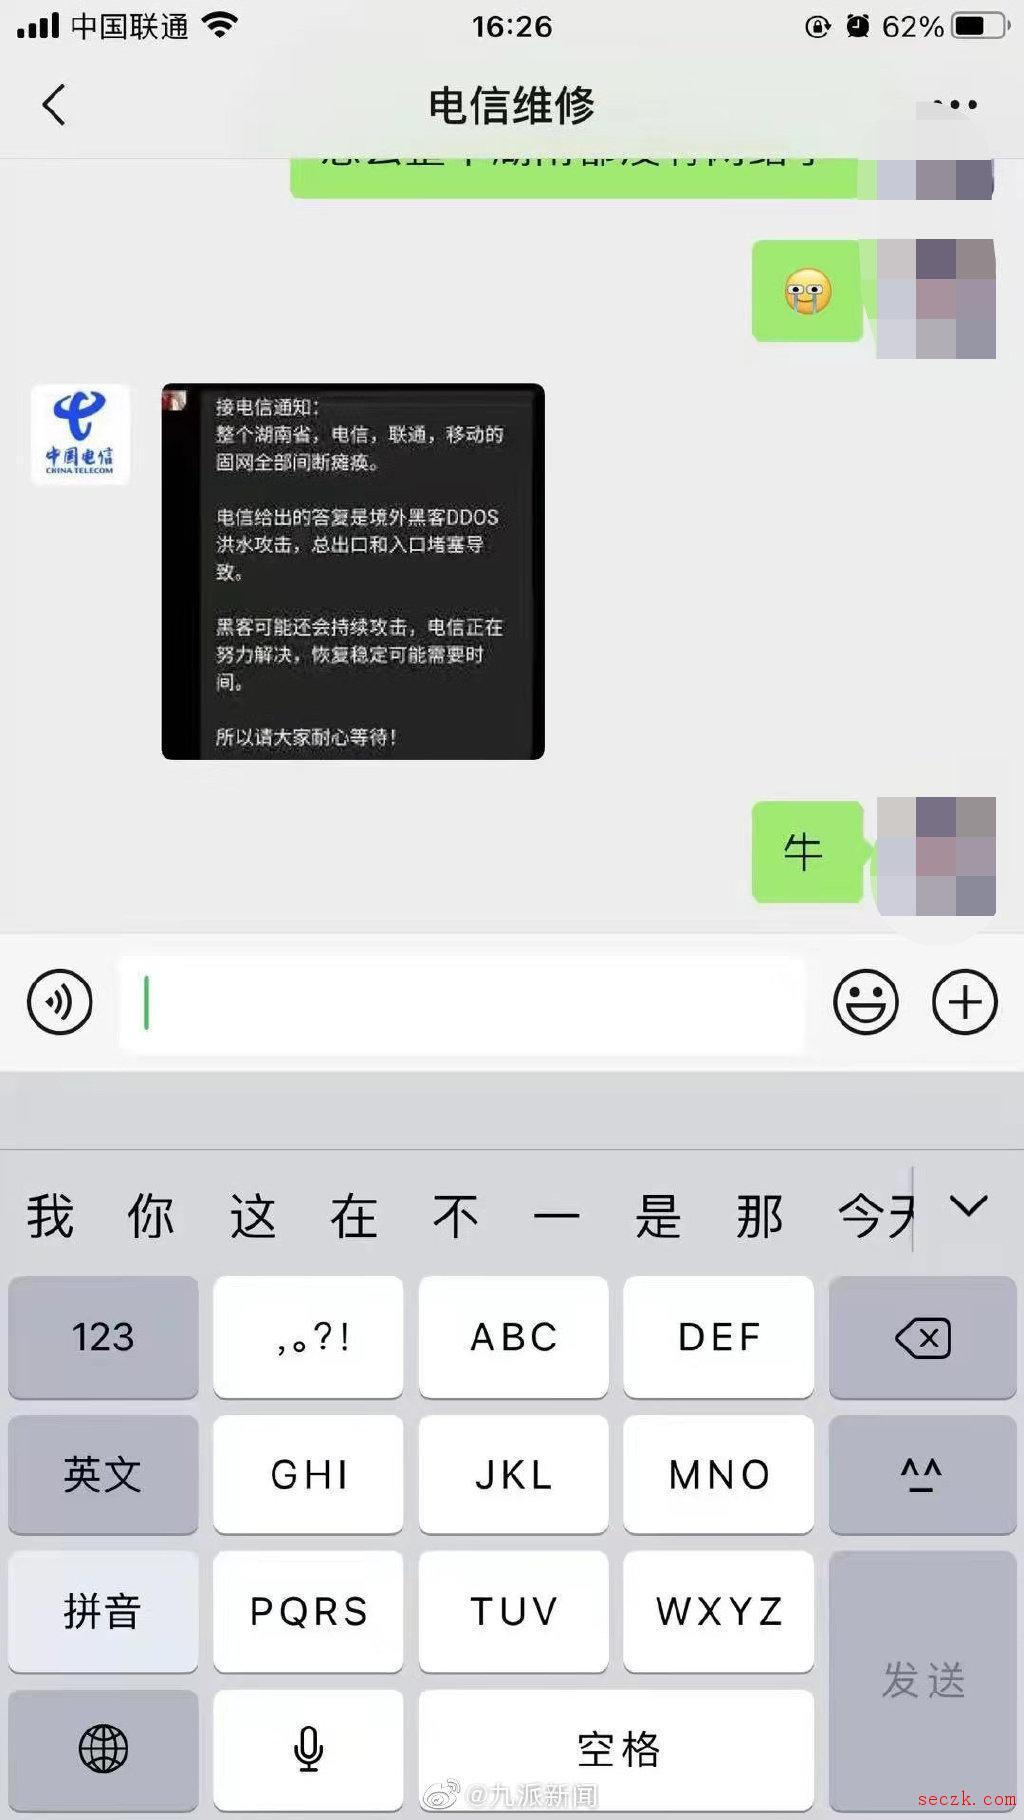 湖南电信网络遭黑客攻击崩溃:系统正进行升级 马上恢复